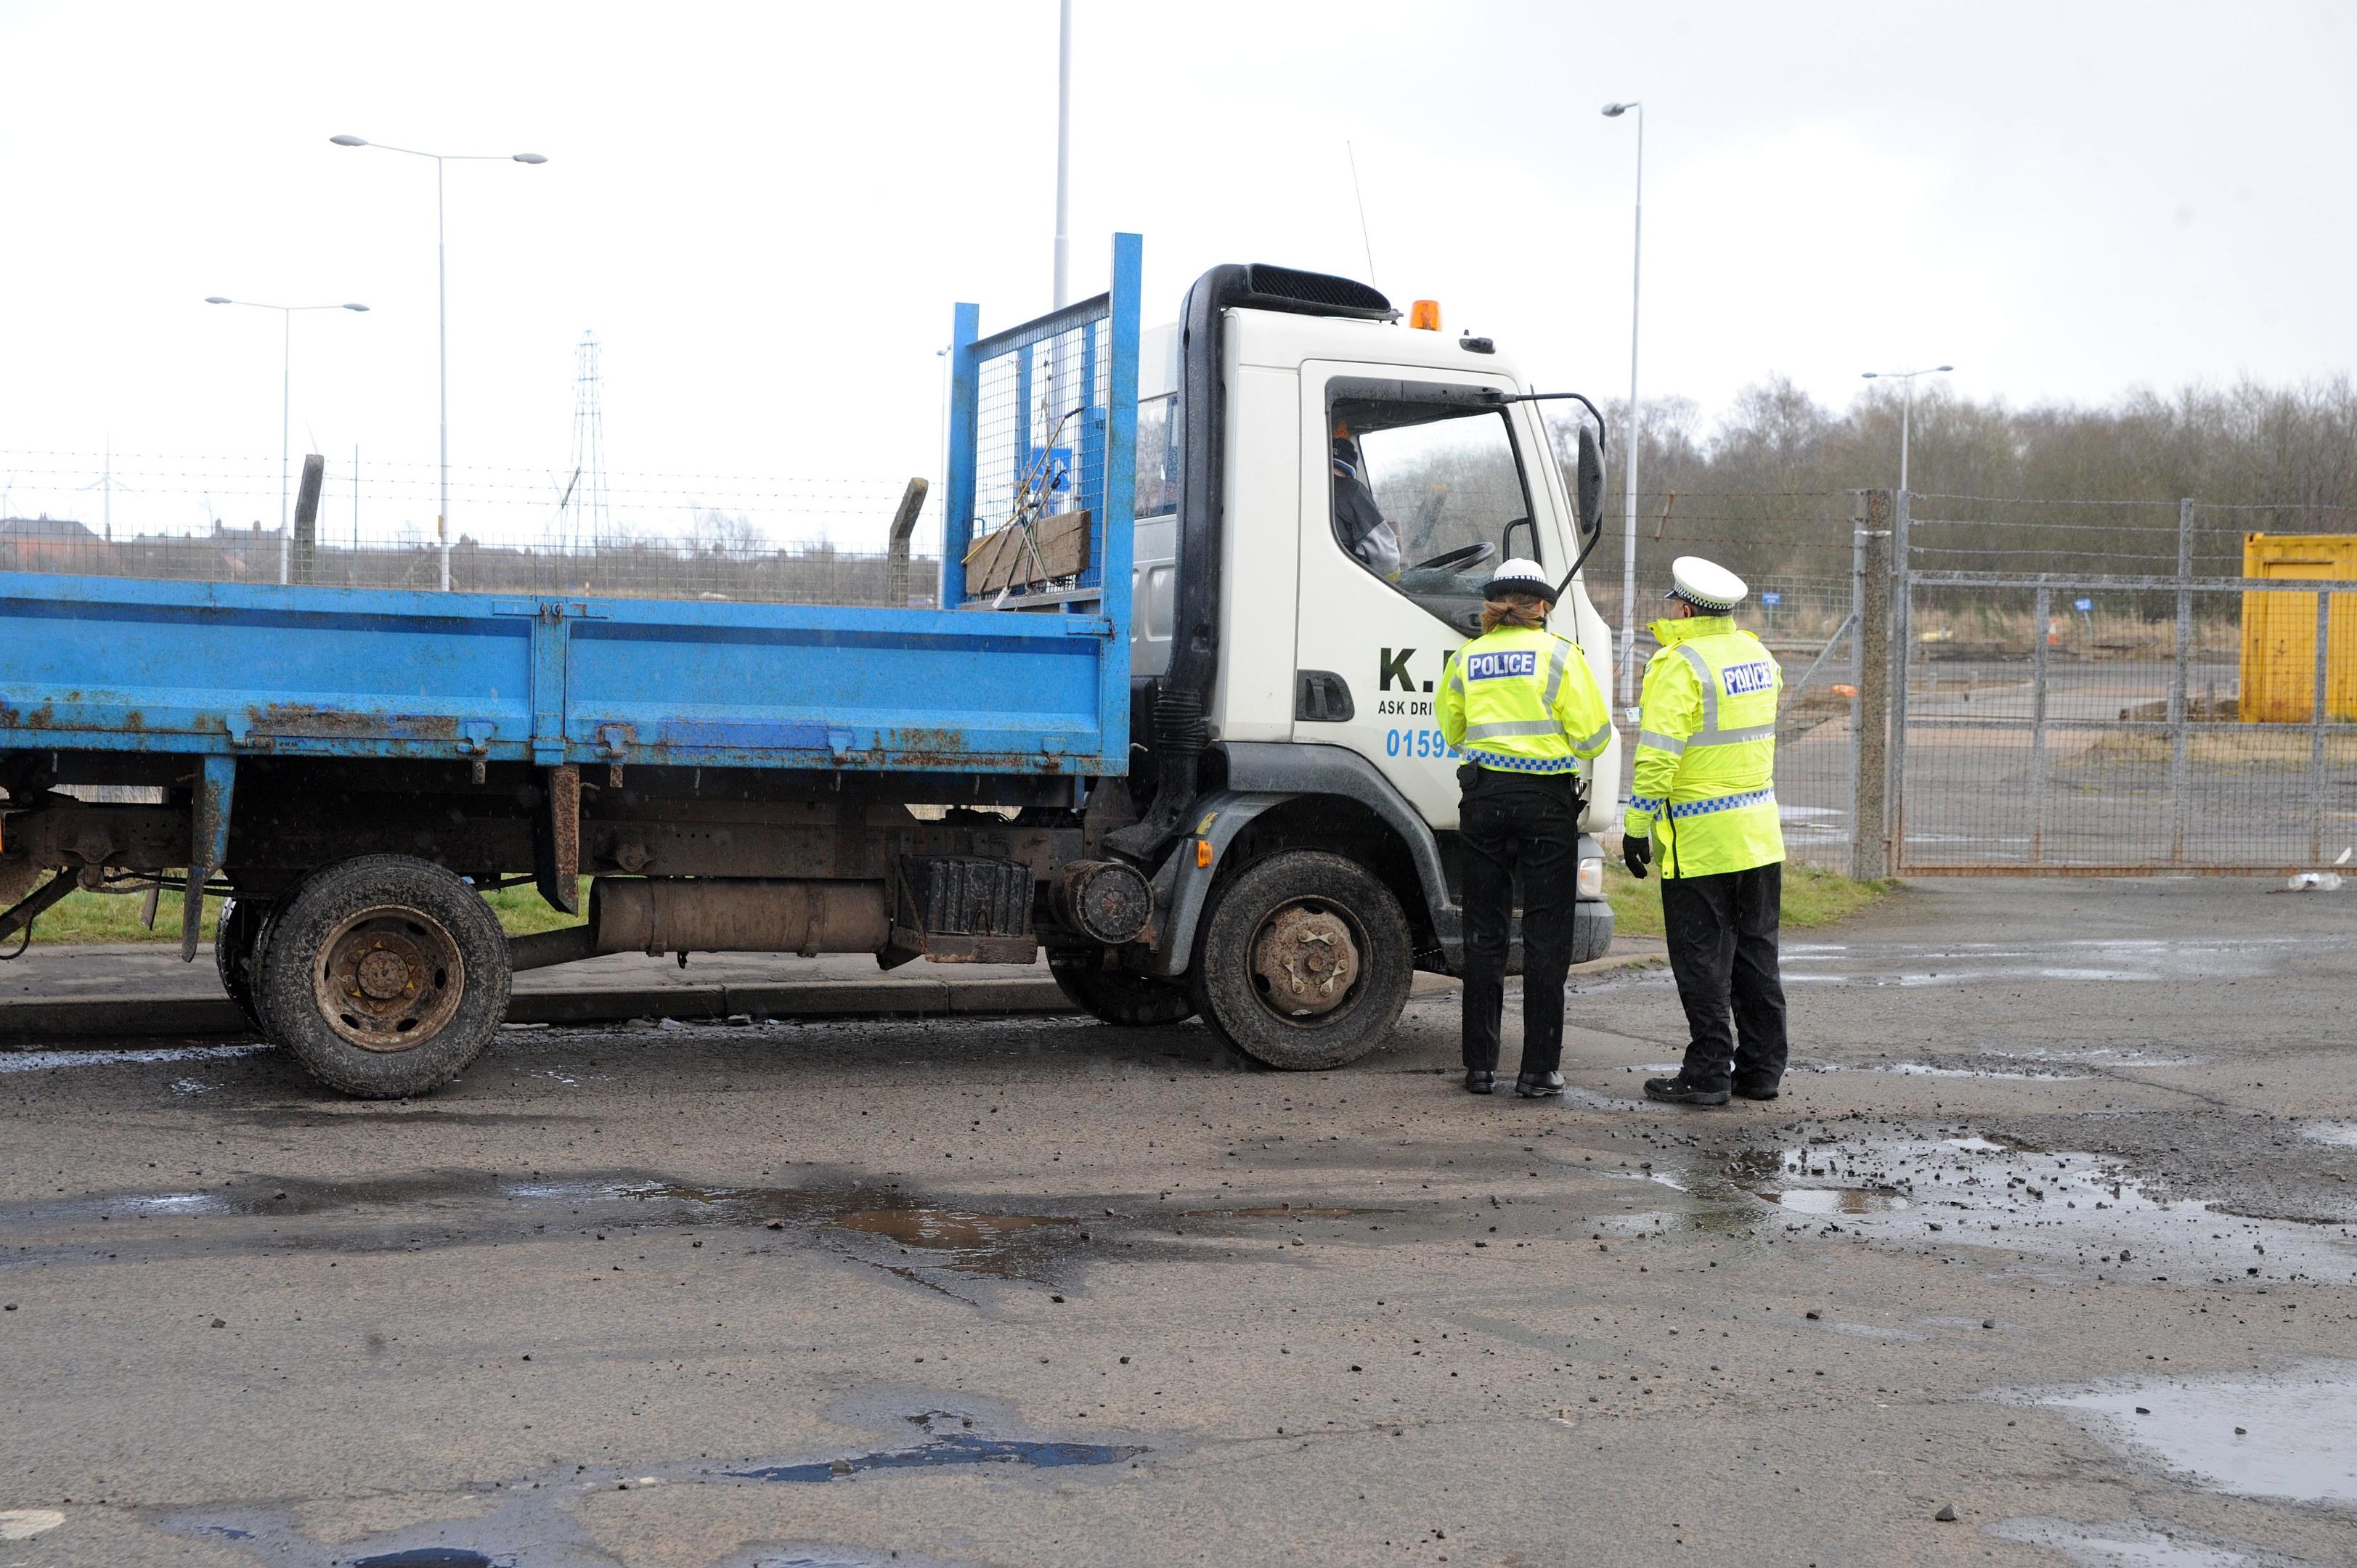 Police check lorries going to scrap metal merchants.